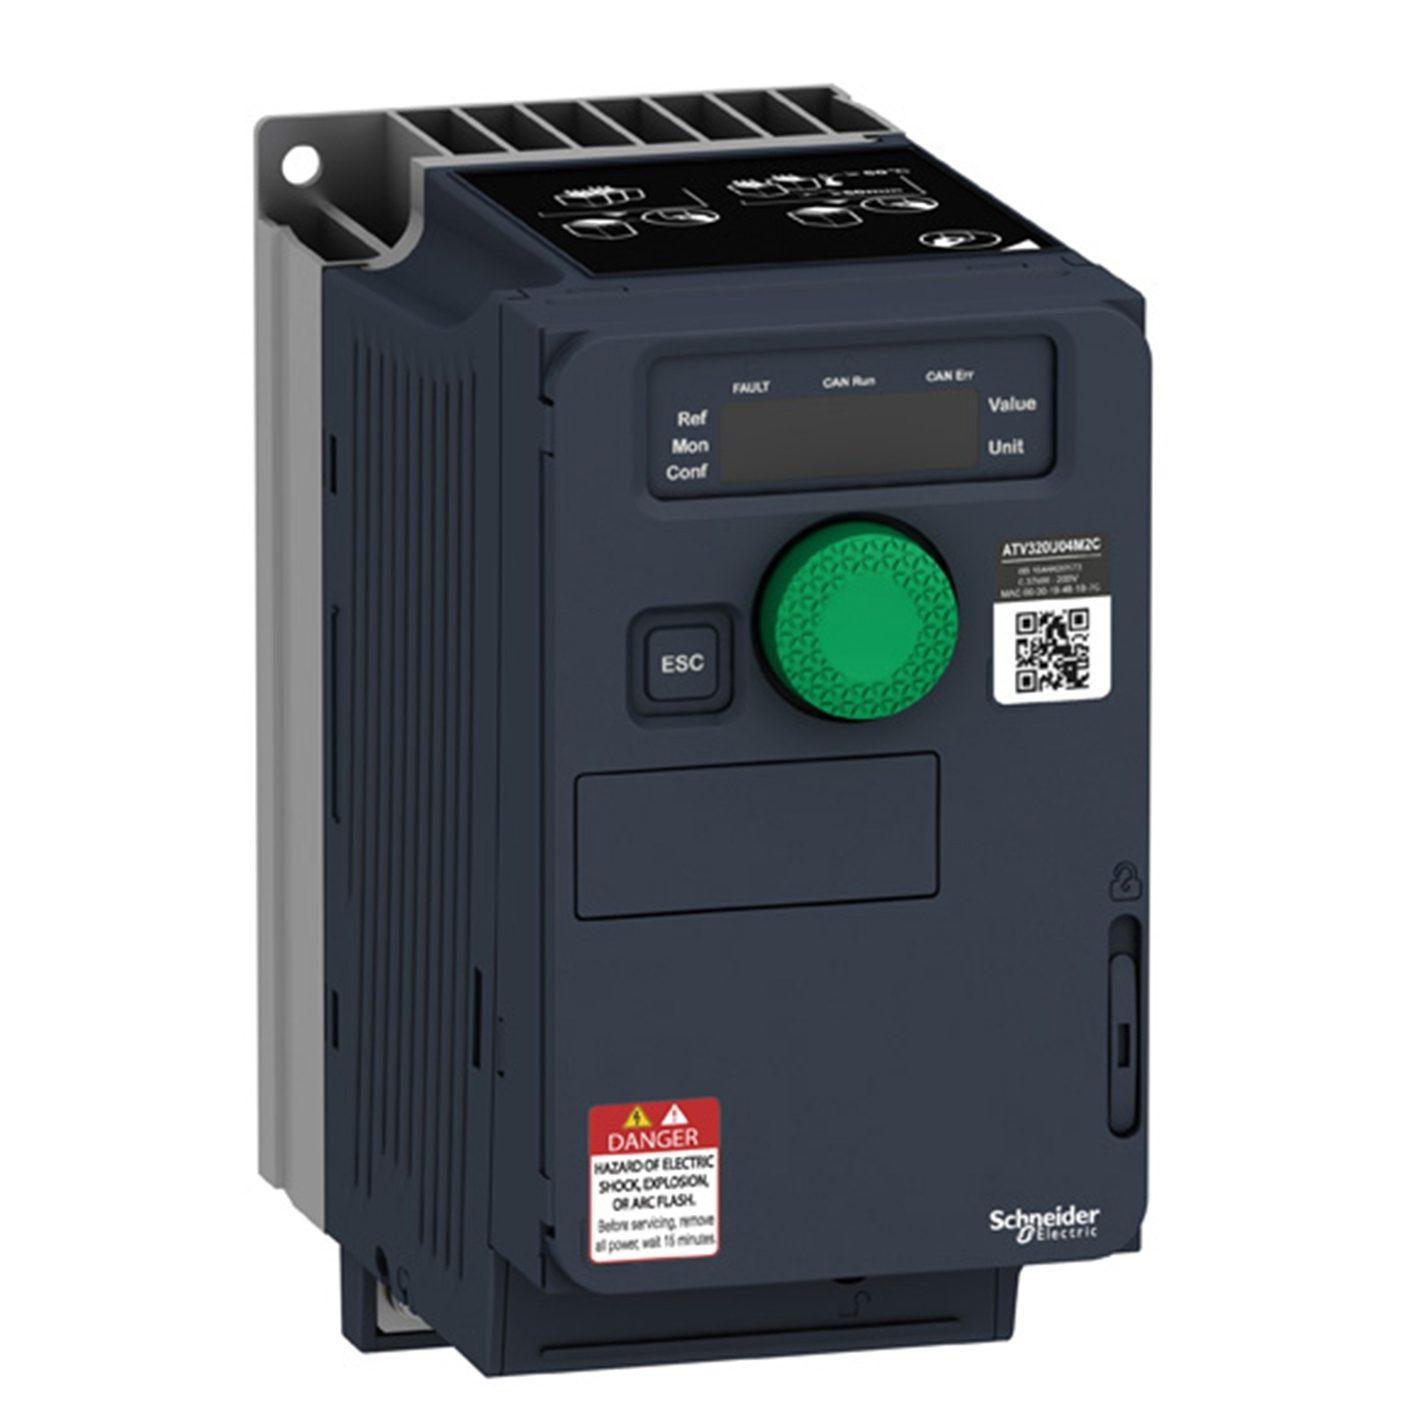 Преобразователь частоты Schneider ATV320U11M2C компактное исполнение 1.1 кВт 240В 1Ф